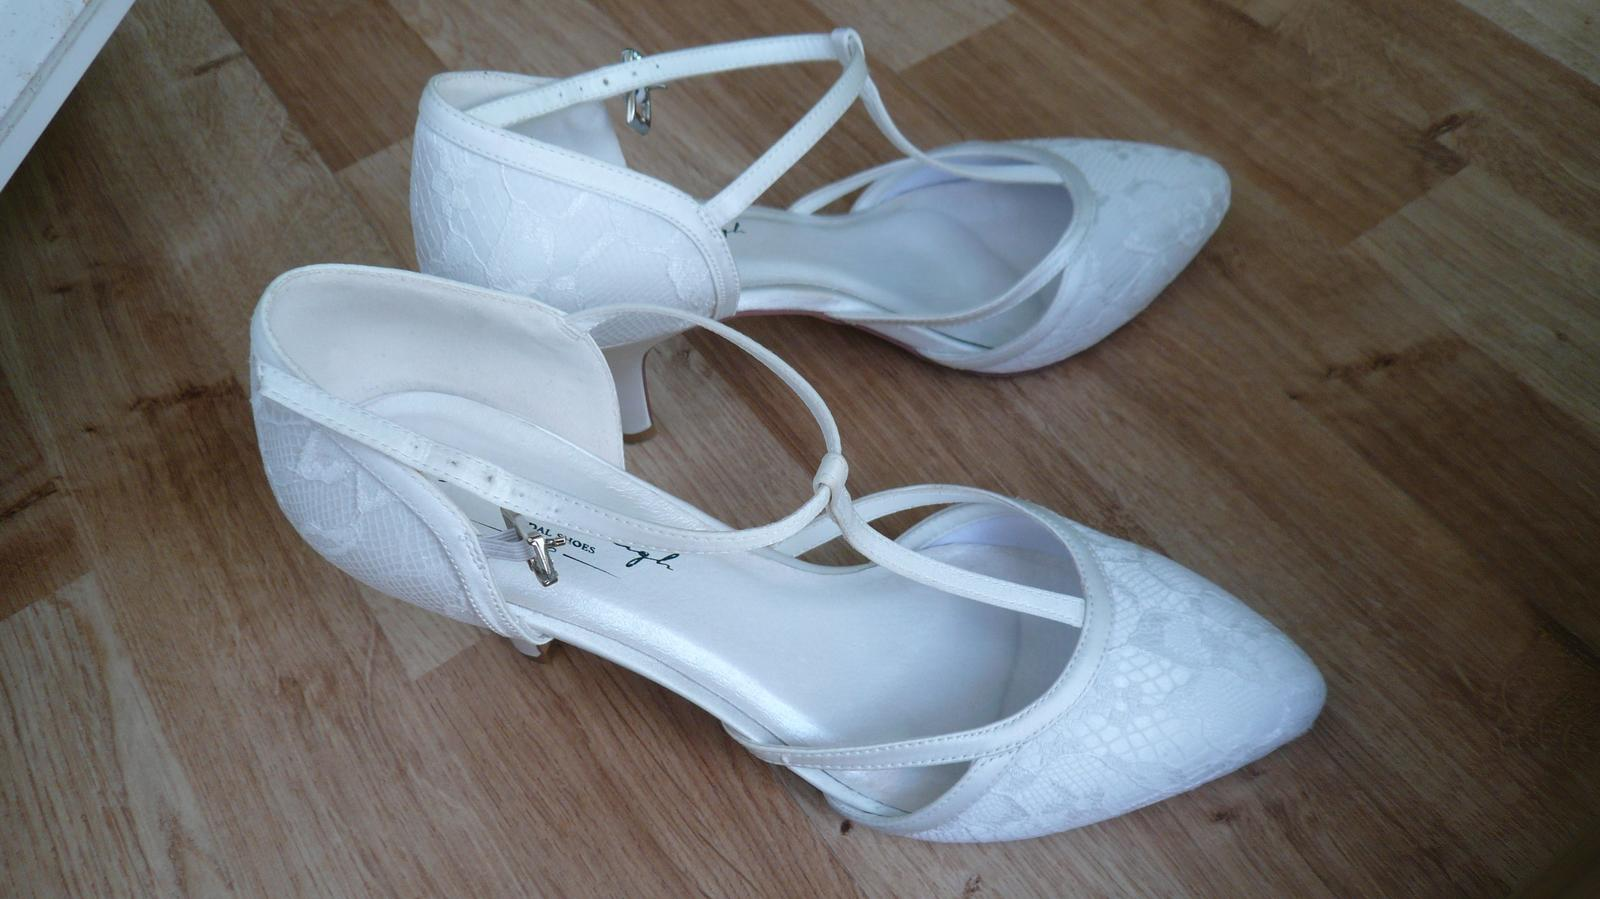 Top stav - svadobné topánky G.Westerleigh  - Obrázok č. 4